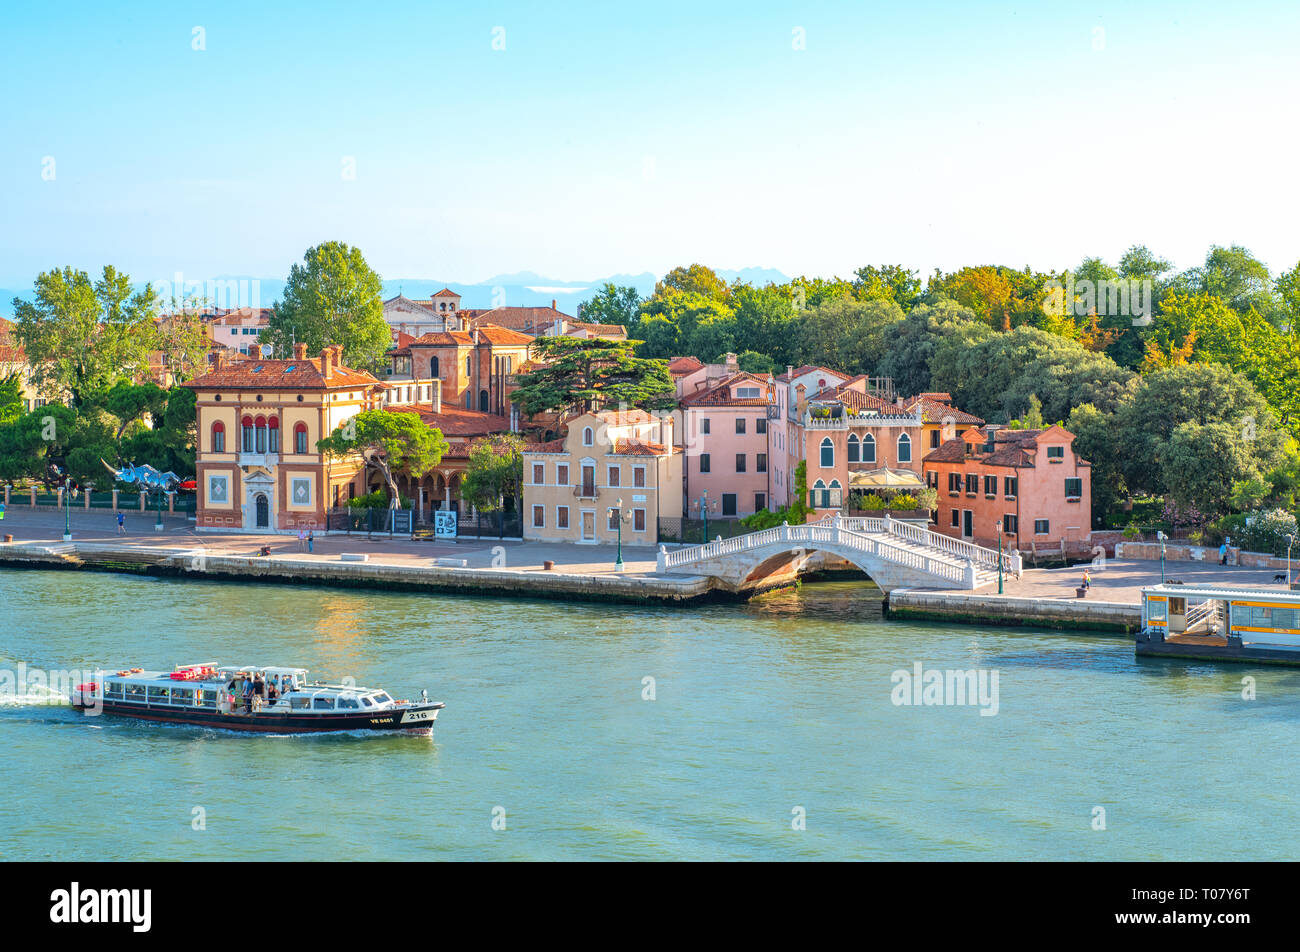 L'Italia, Venezia, Vista dei Sette Martiri laguna banca con i Sette Martiri ponte e un traghetto in primo piano Immagini Stock